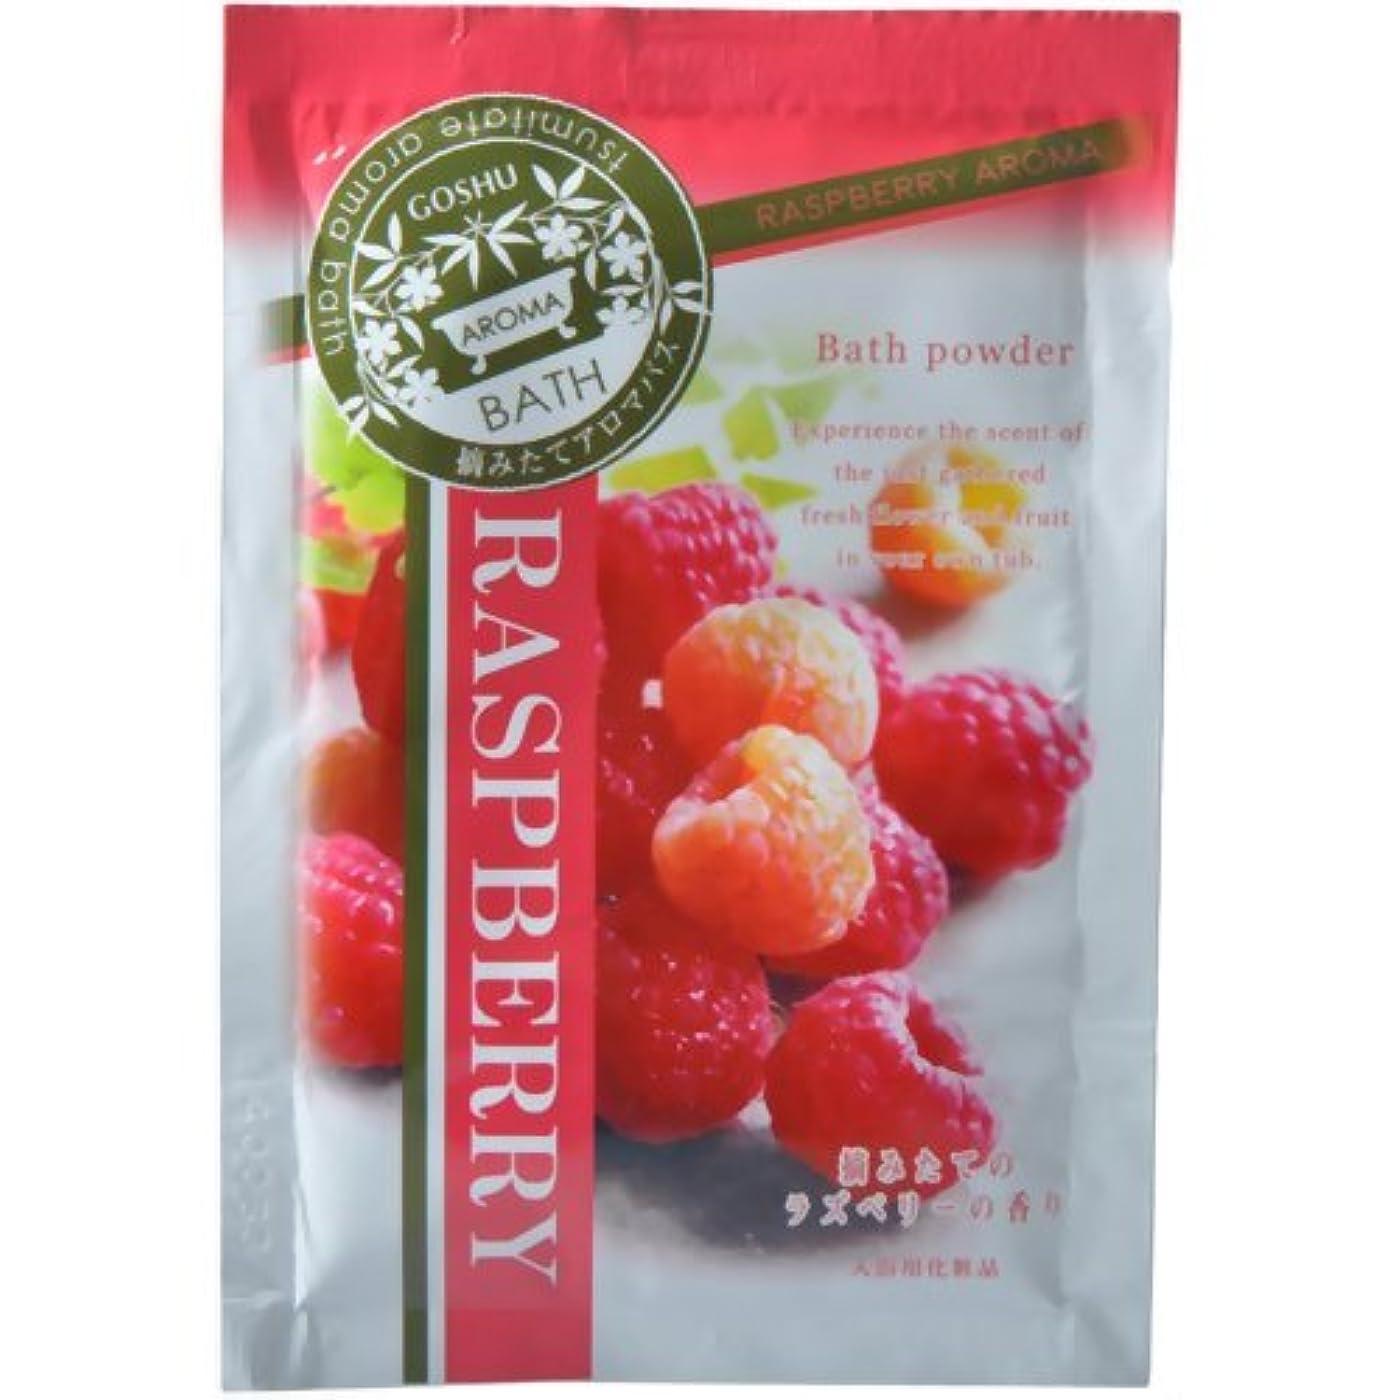 真実に引き出し部分的摘みたてアロマバス 摘みたてラズベリーの香り 25g(入浴剤)